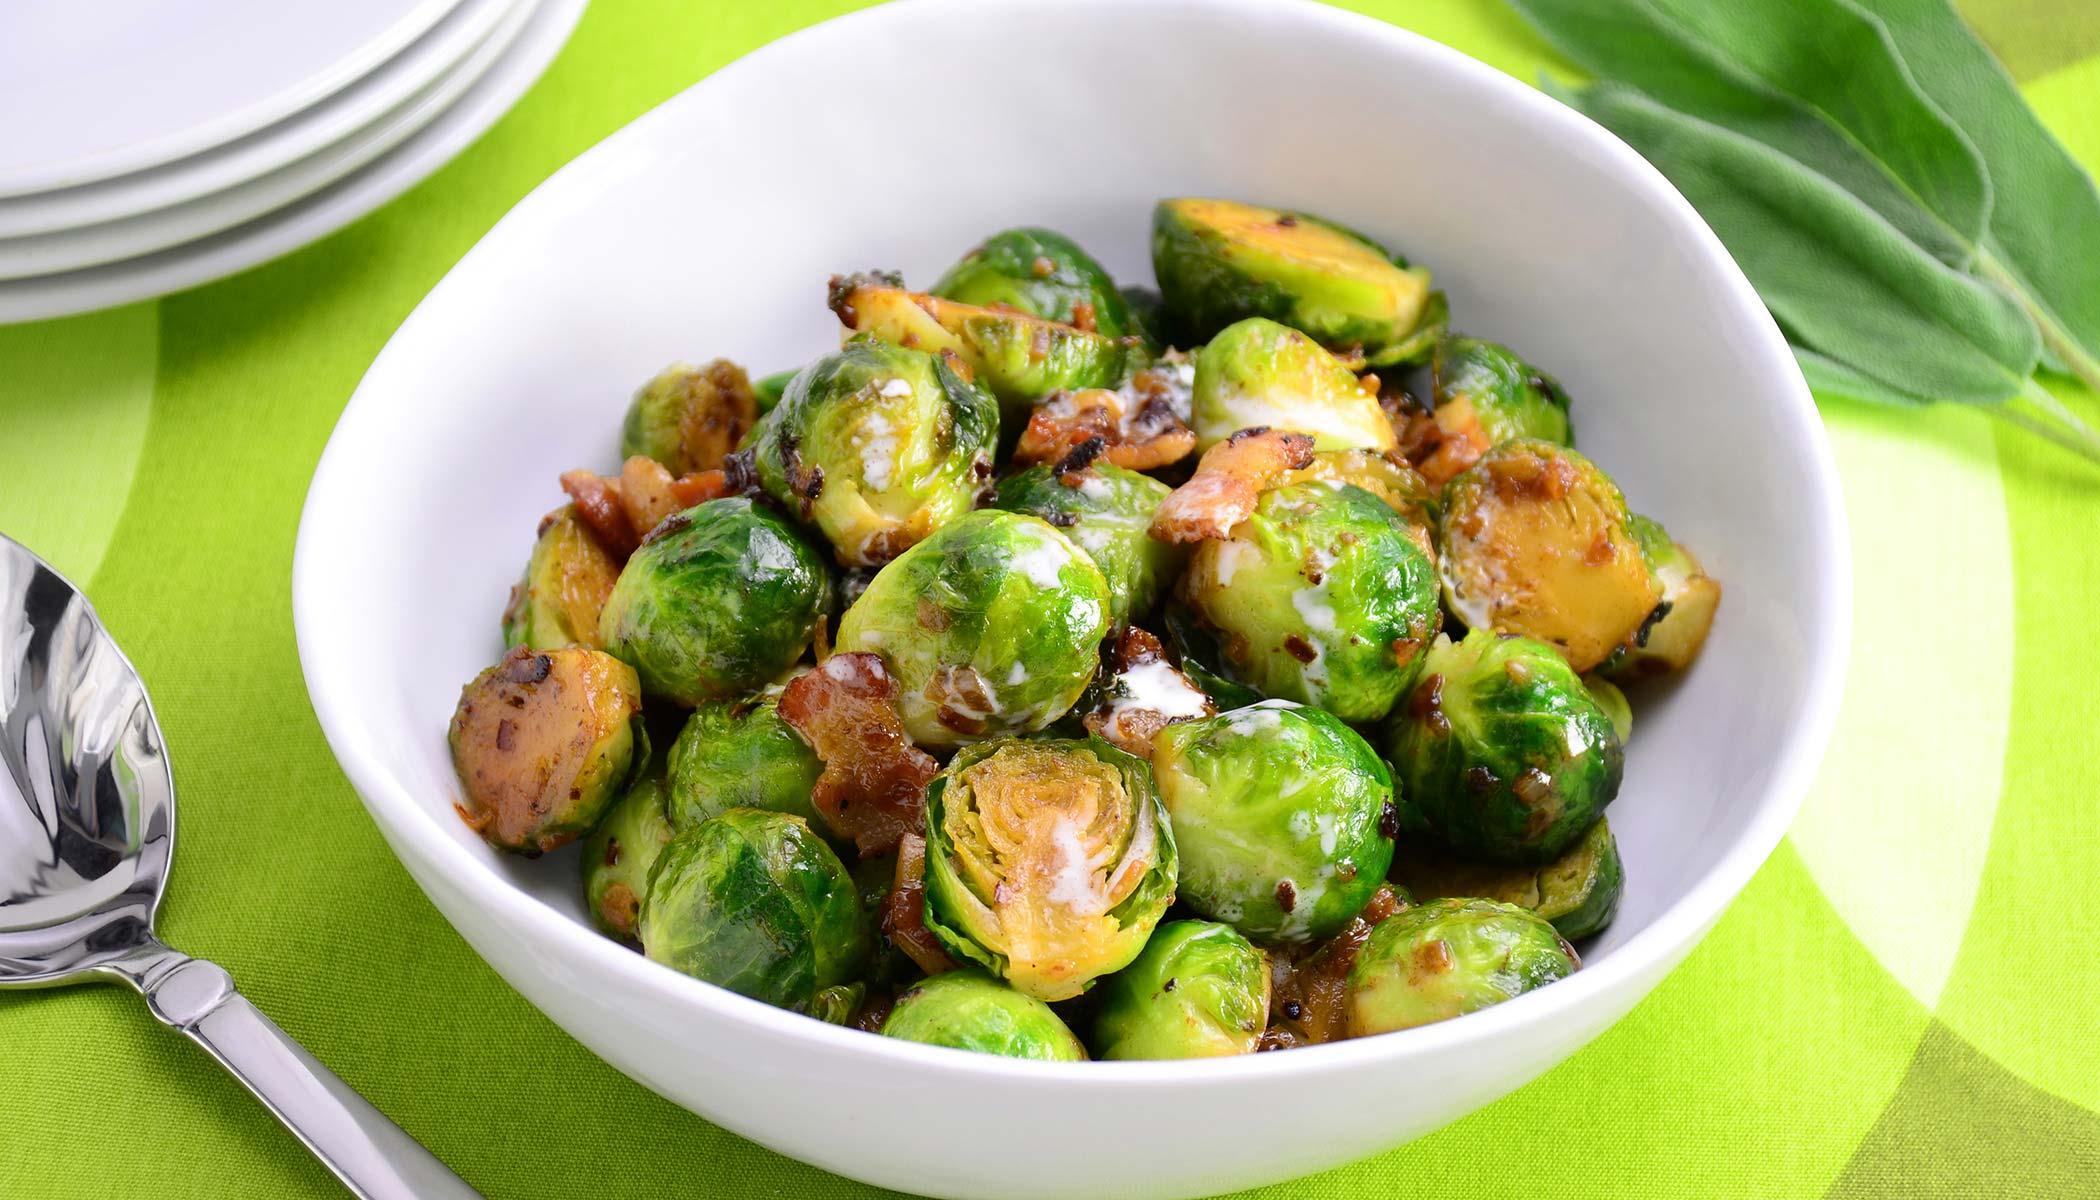 <i>Choux de Bruxelles au Bacon et &agrave; la Cr&egrave;me</i> (Creamed Brussels Sprouts with Bacon)